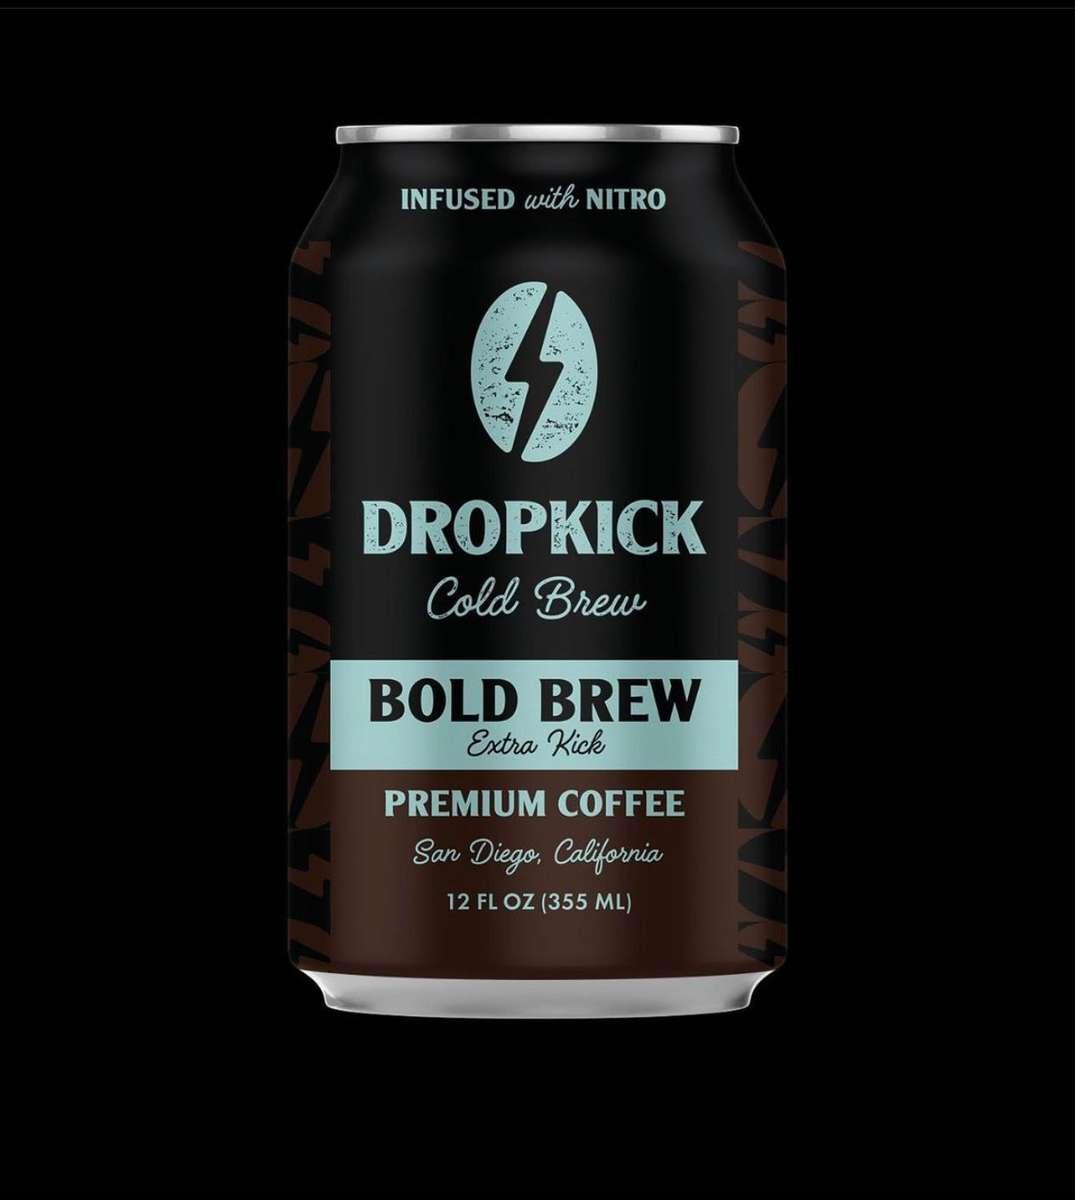 DROPKICK Cold Brew (BOLD BREW)